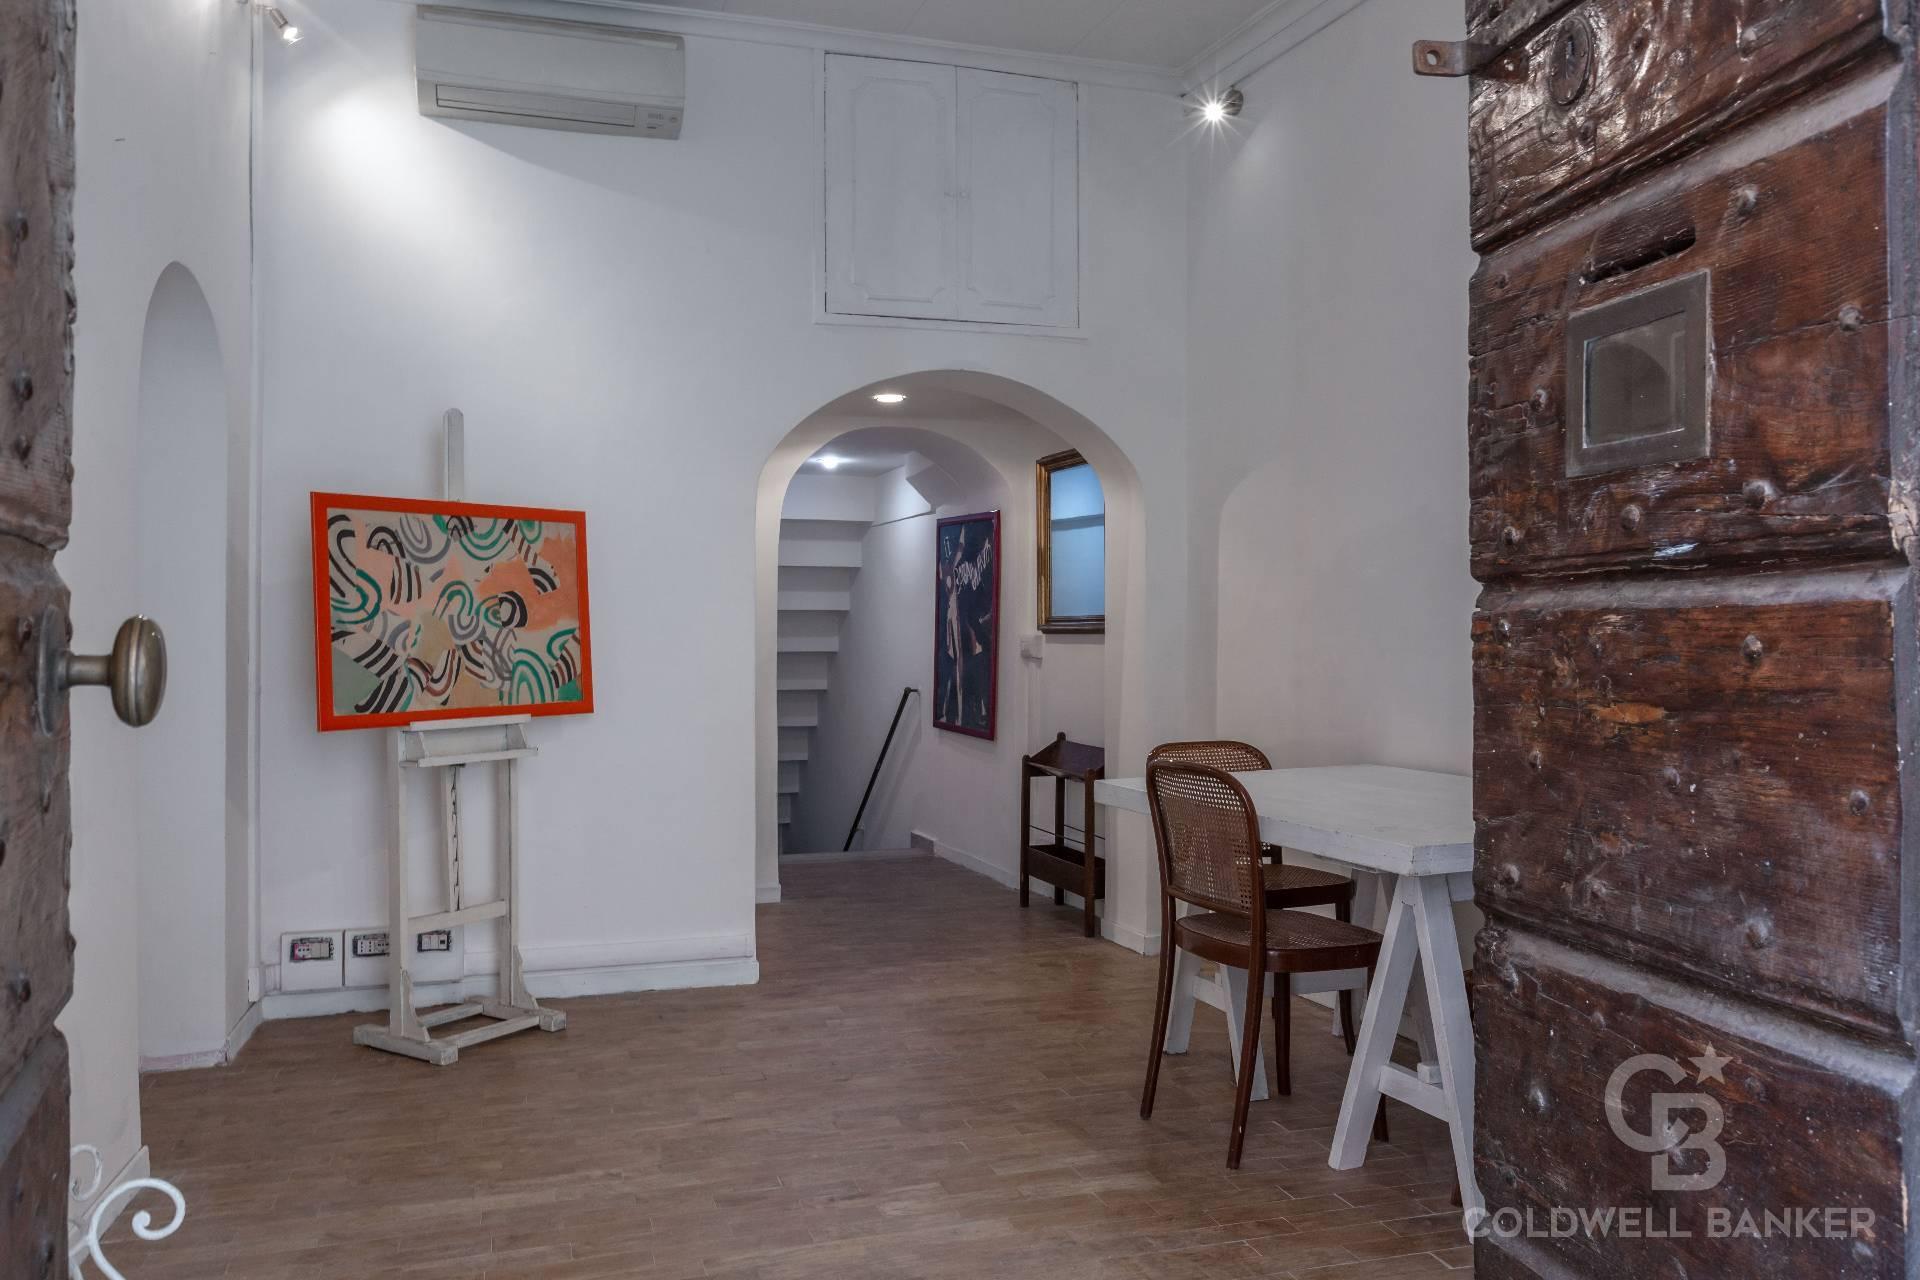 Fondo commerciale in affitto a Centro Storico, Roma (RM)